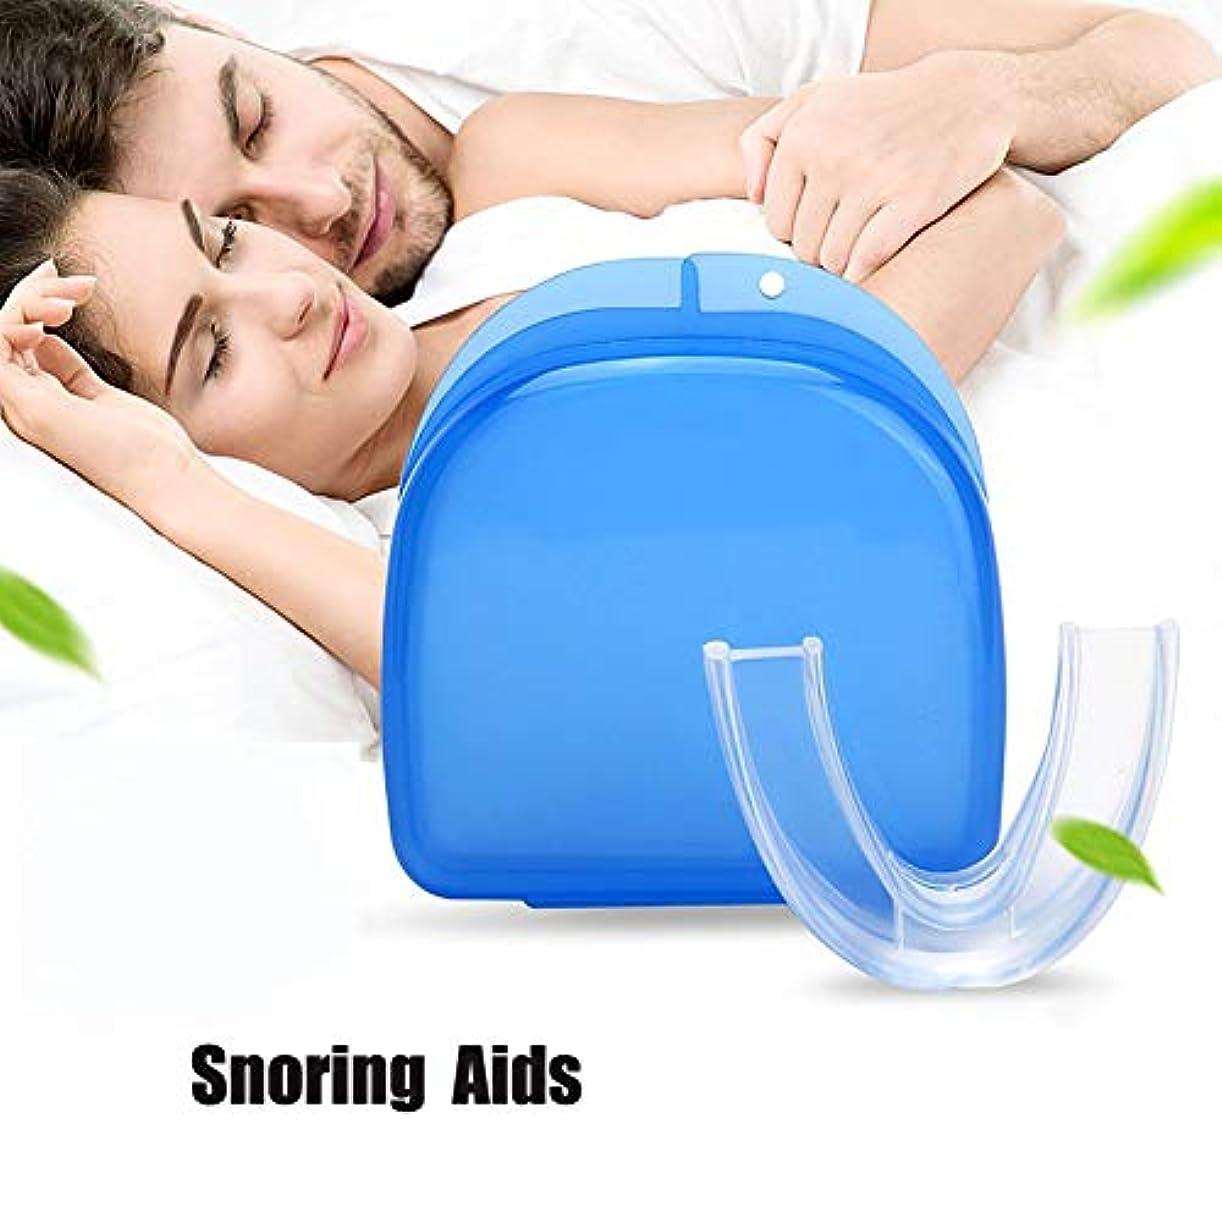 サービス縞模様のコース安全なシリコーンアンチいびき、いびき止めソリューション品質ツール睡眠とハーモニーライフ健康睡眠ツール、3個